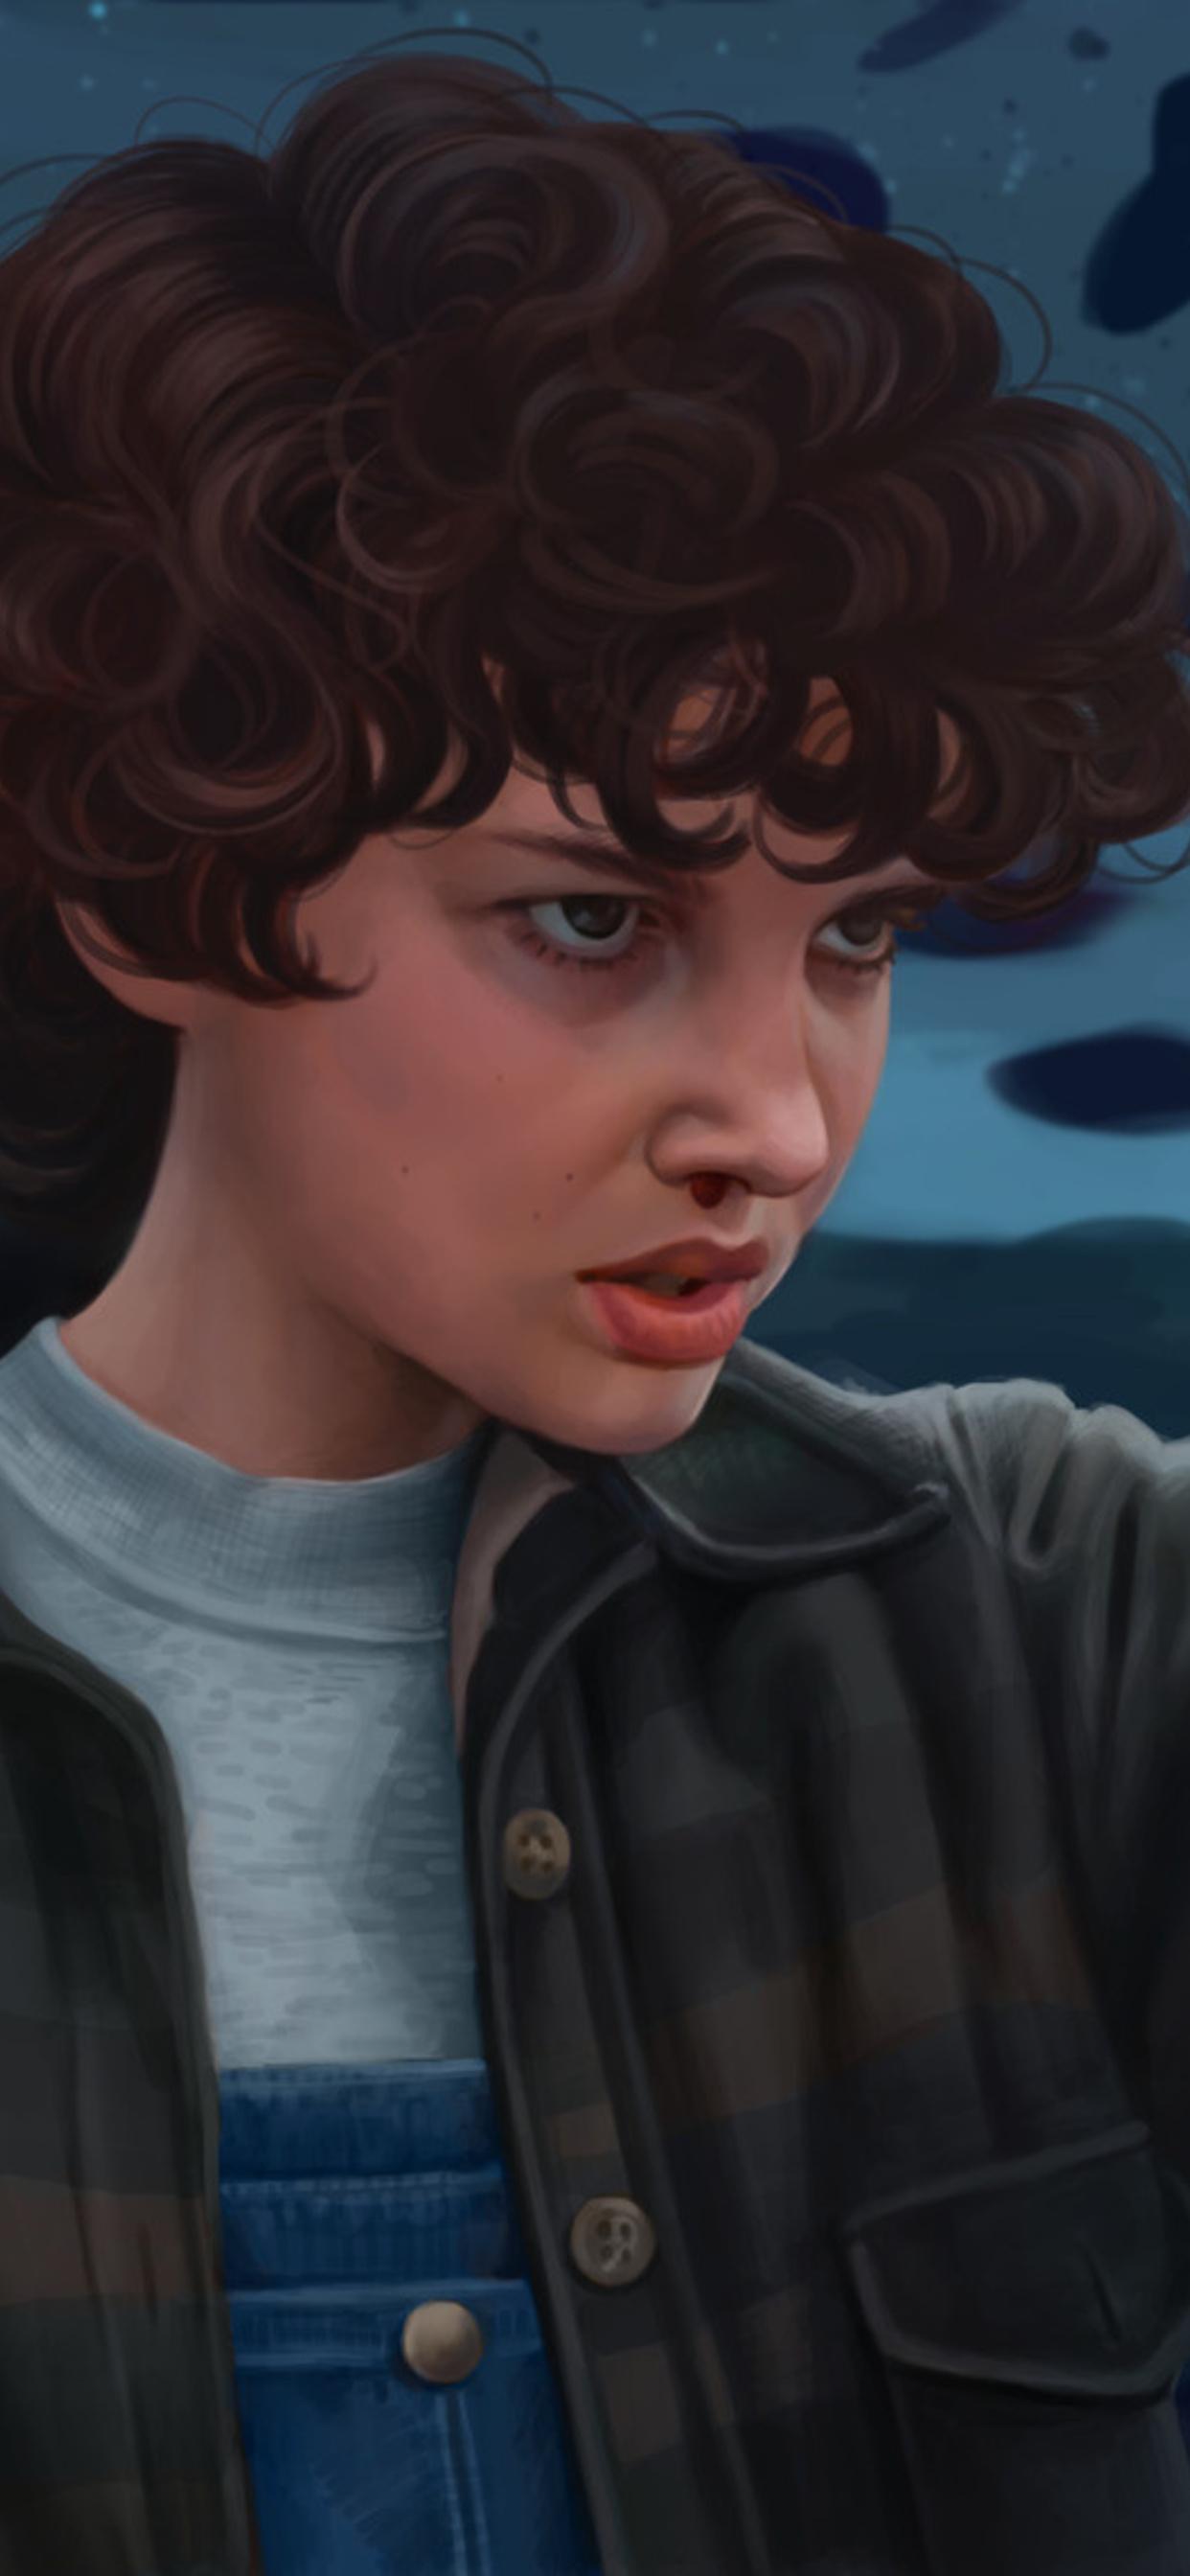 stranger-things-eleven-artwork-cv.jpg